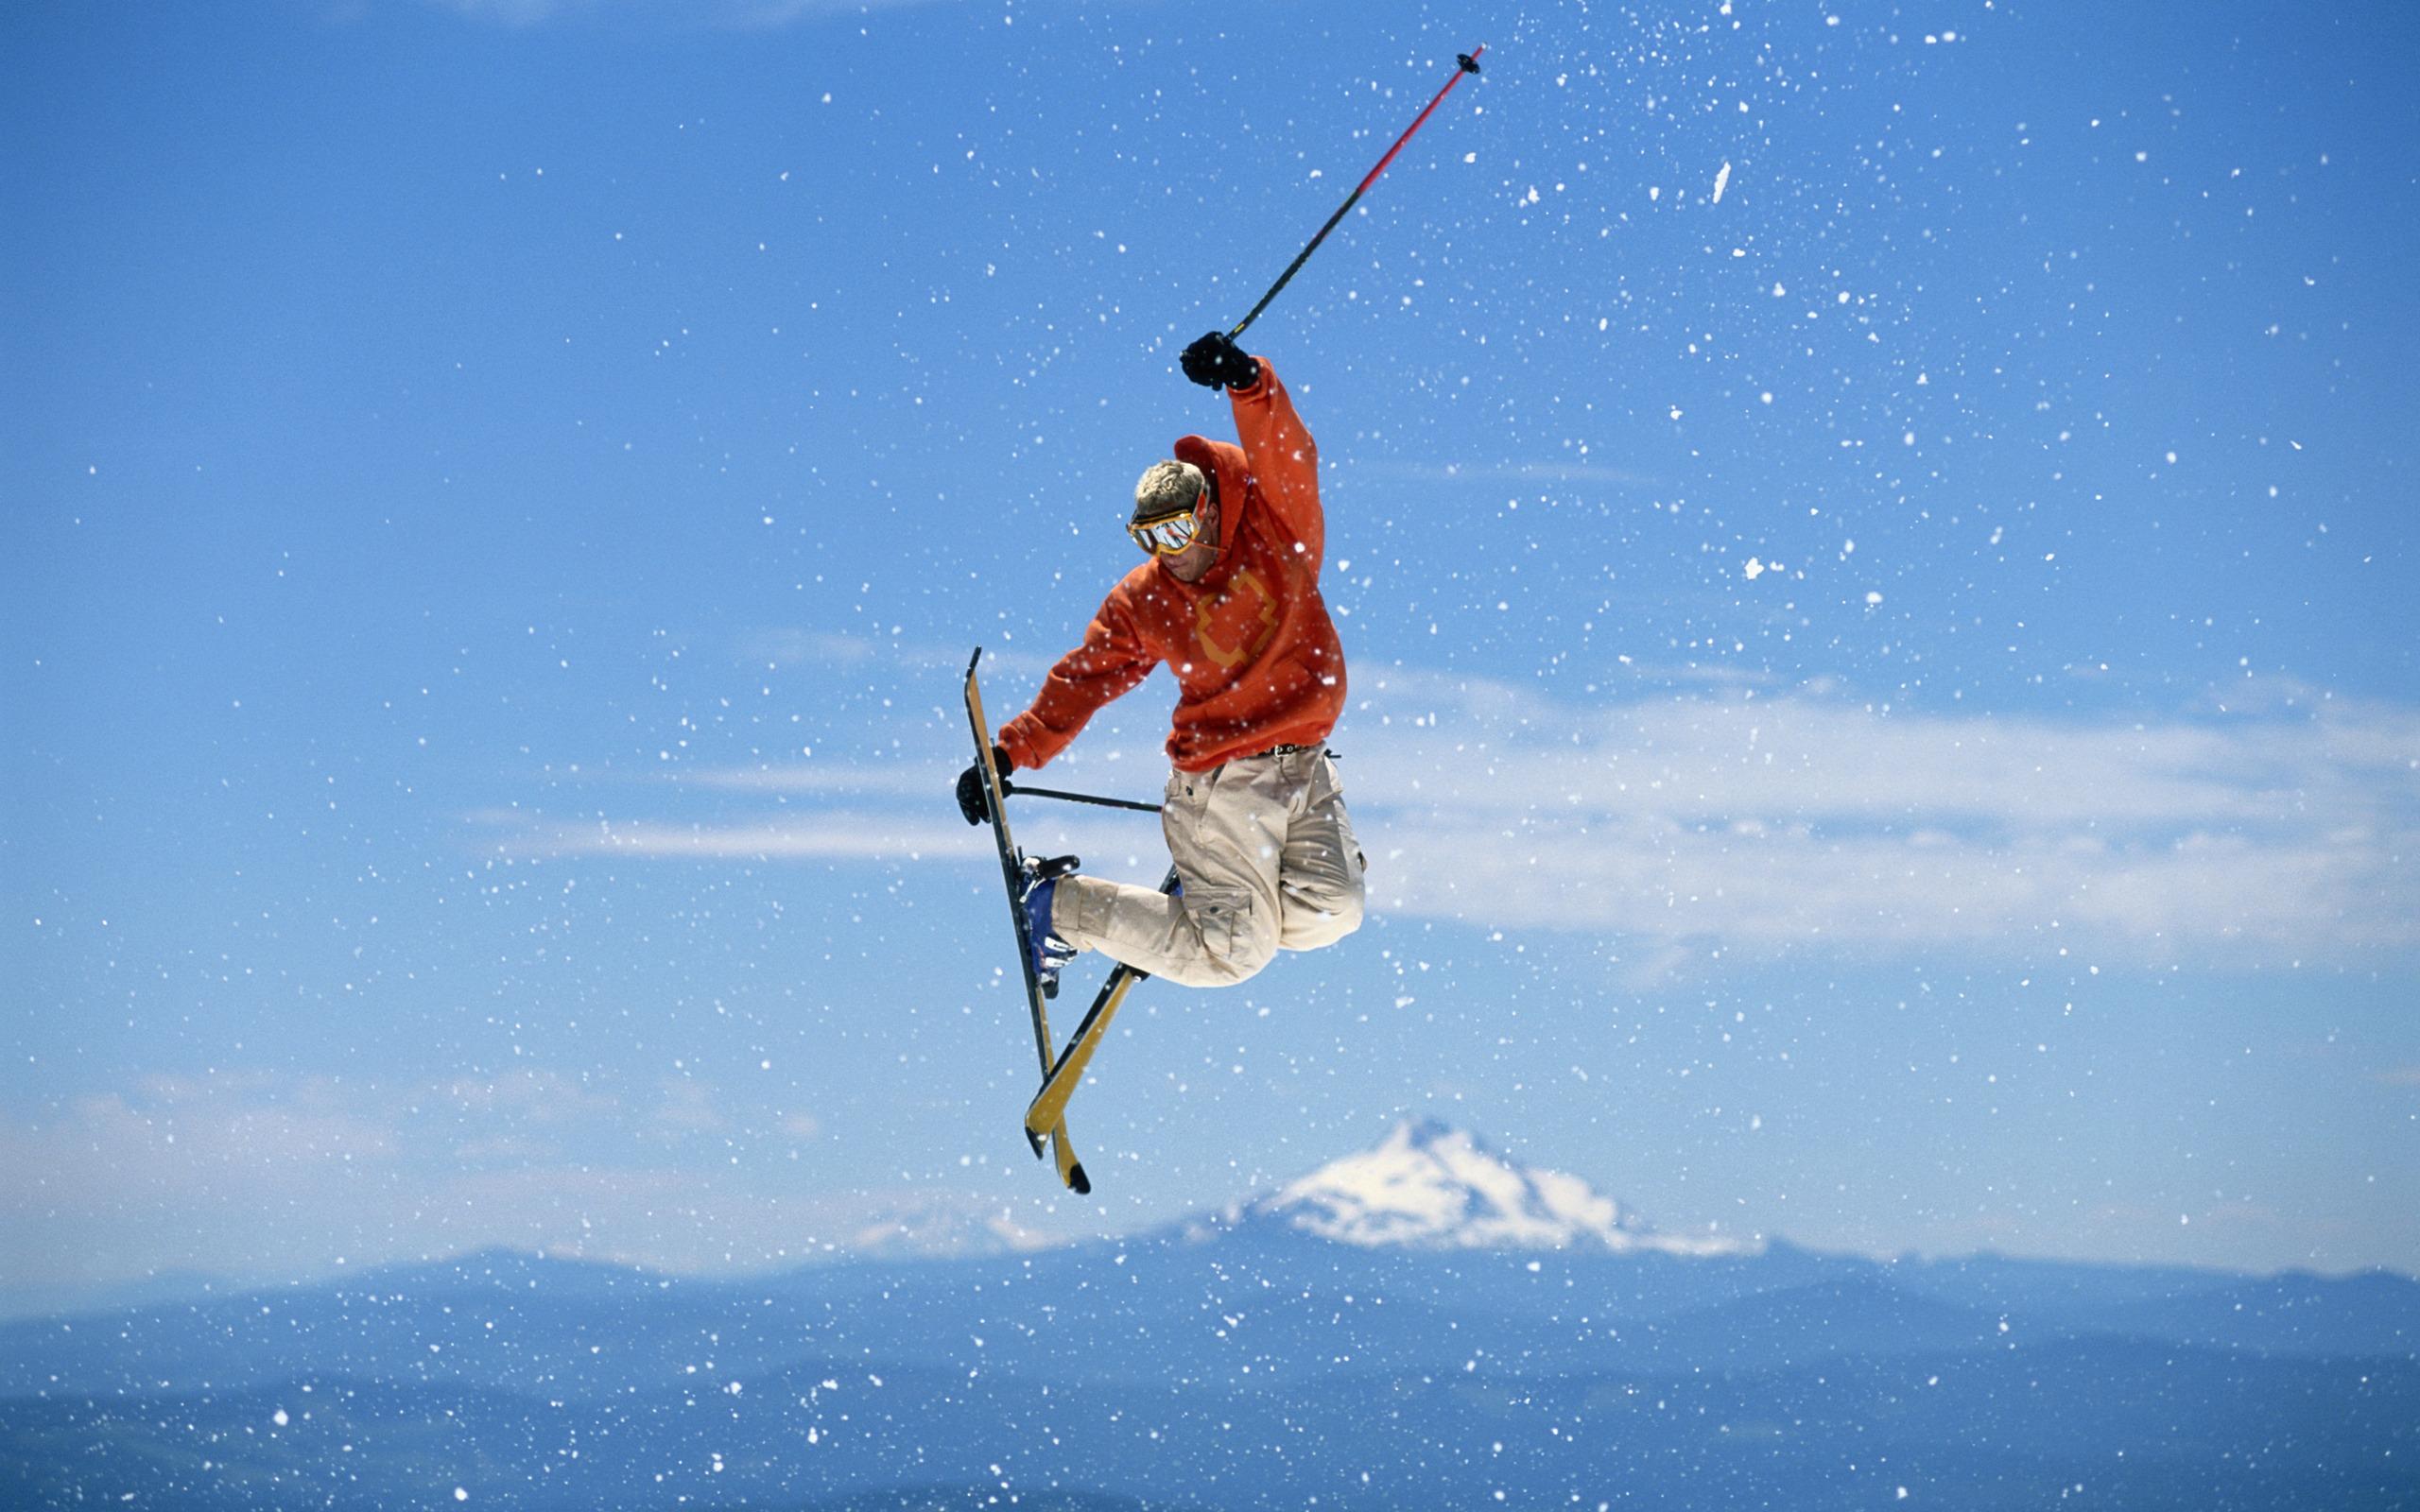 картинка на небе солнце люди на лыжах этот обширный список